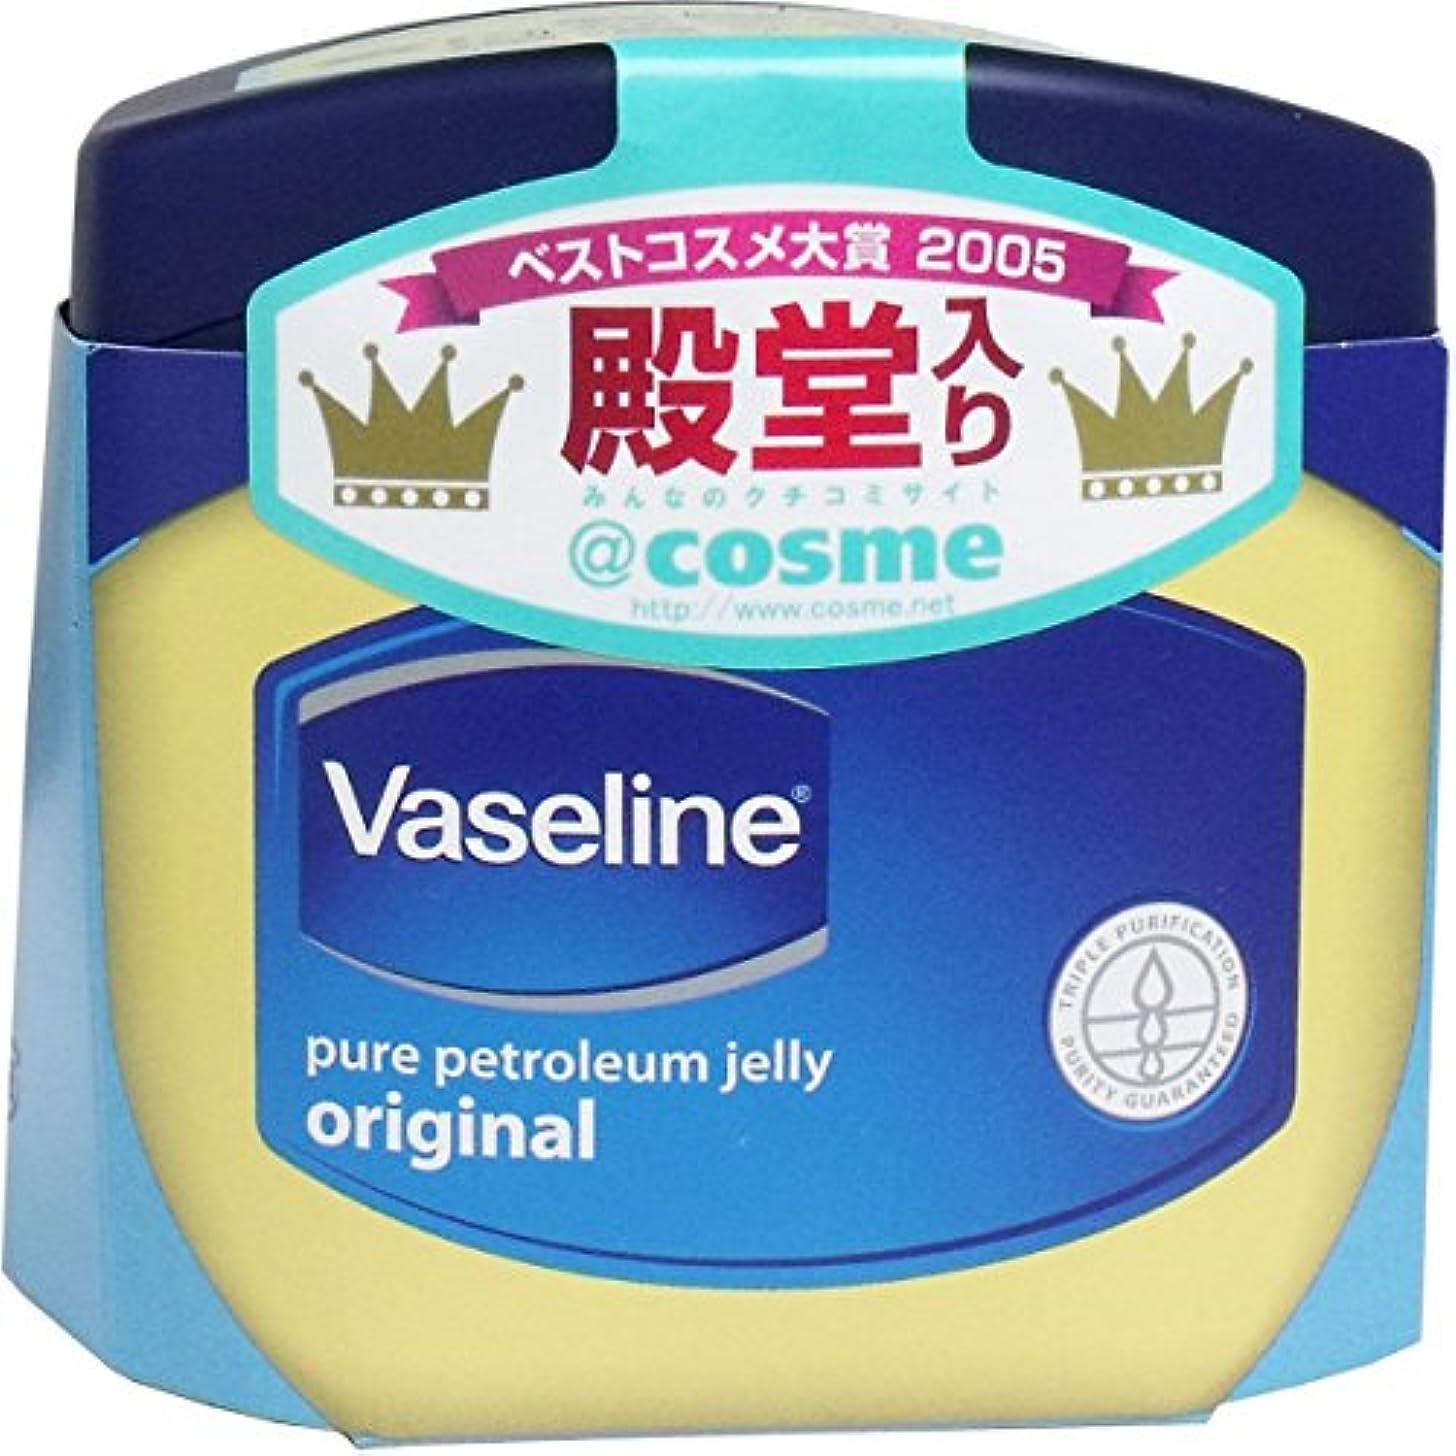 科学者許可するタンザニア【Vaseline】ヴァセリン ピュアスキンジェリー (スキンオイル) 200g ×20個セット